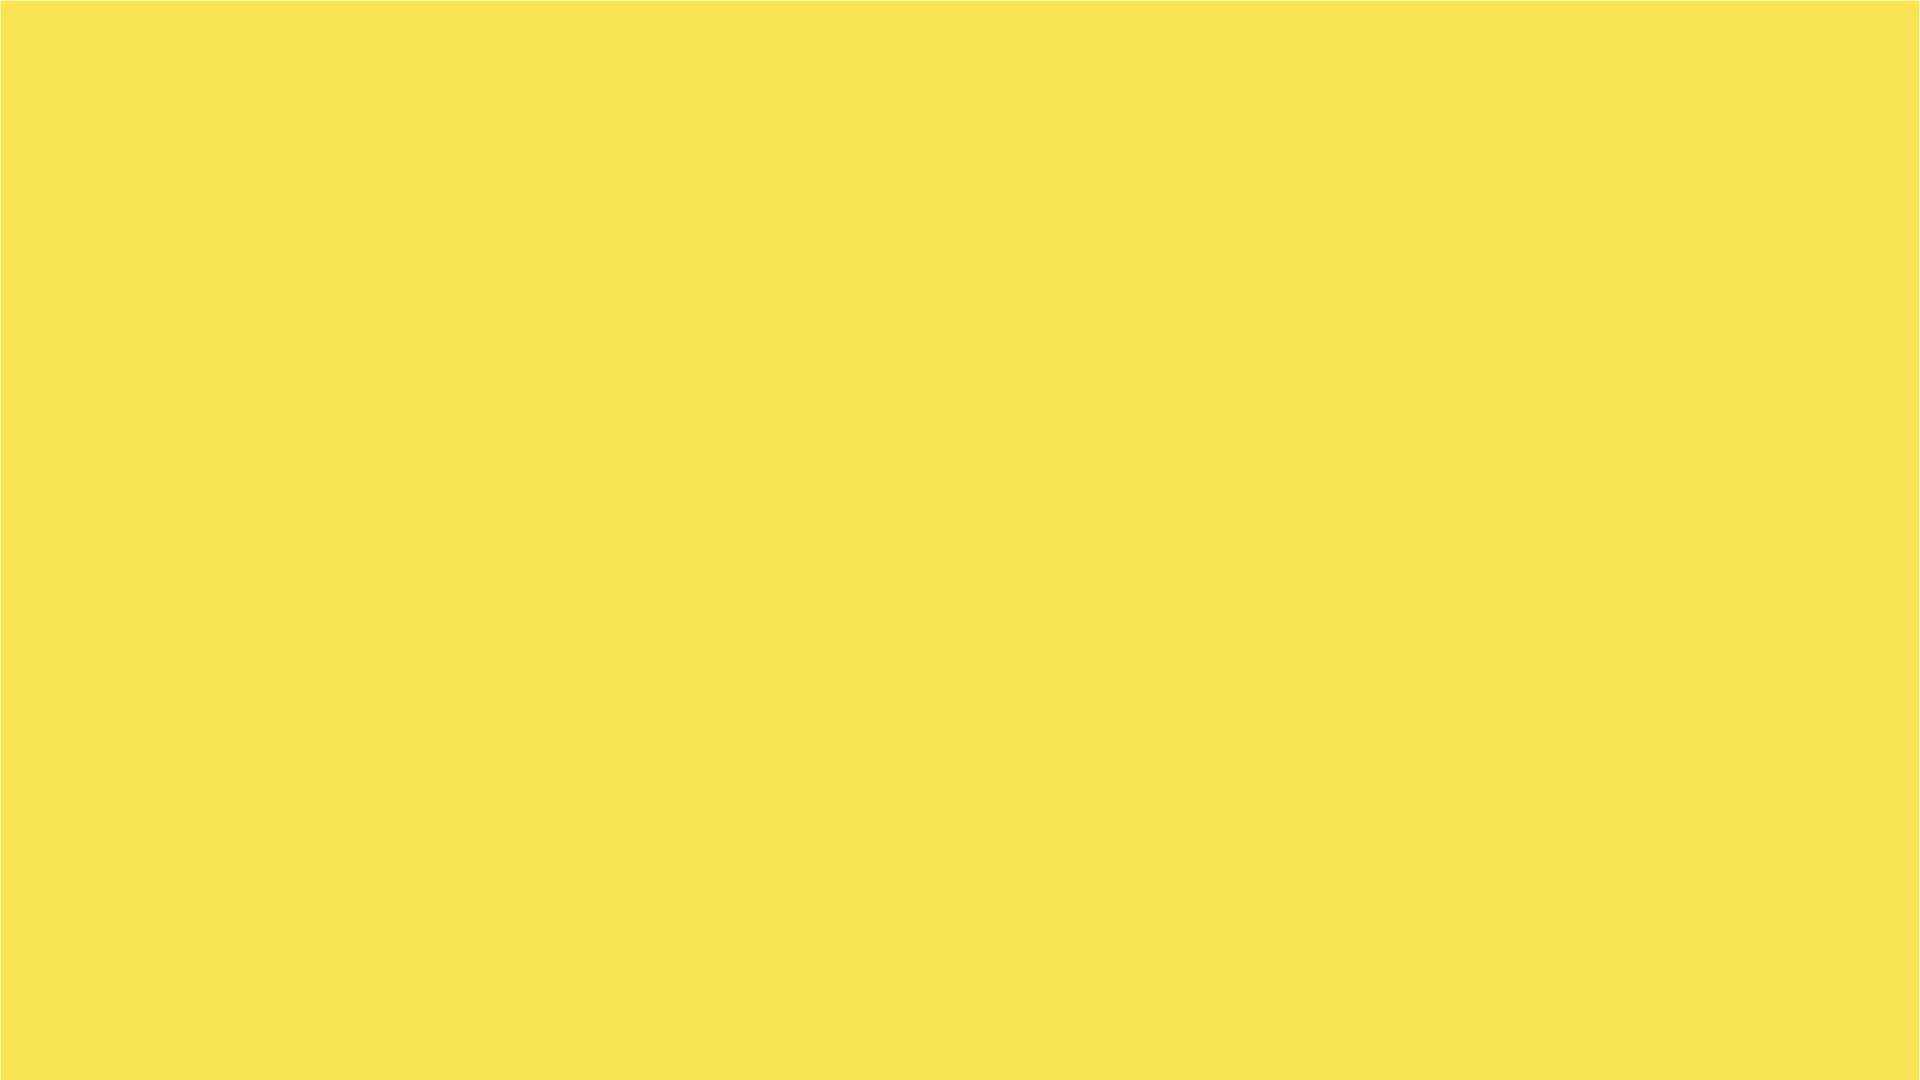 総合クリエイティブカンパニーのロゴ写真